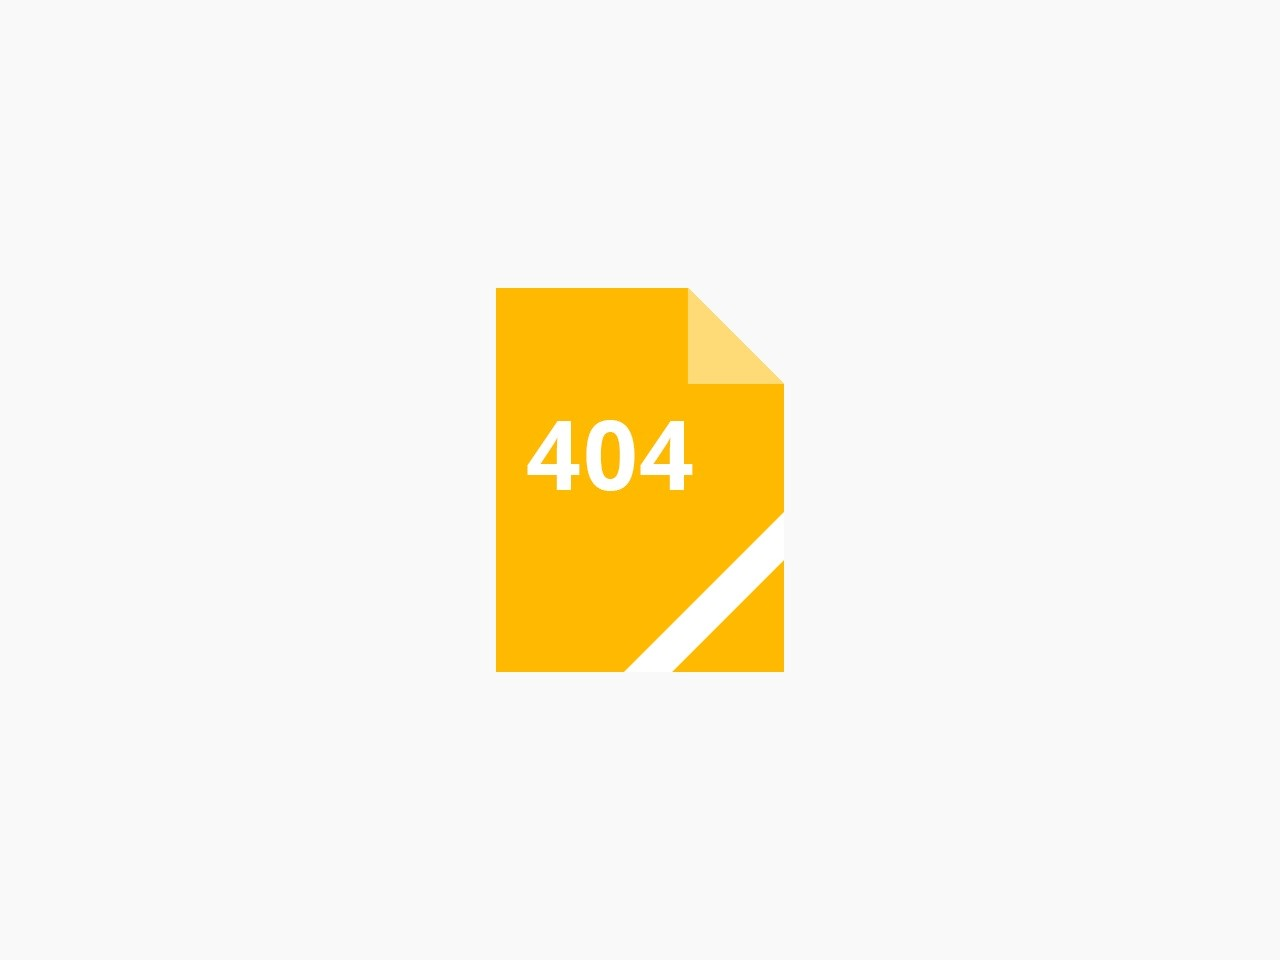 千梦网创108计第69计:搭建短信压力测试系统,割韭菜的第二波韭菜 | 米库网